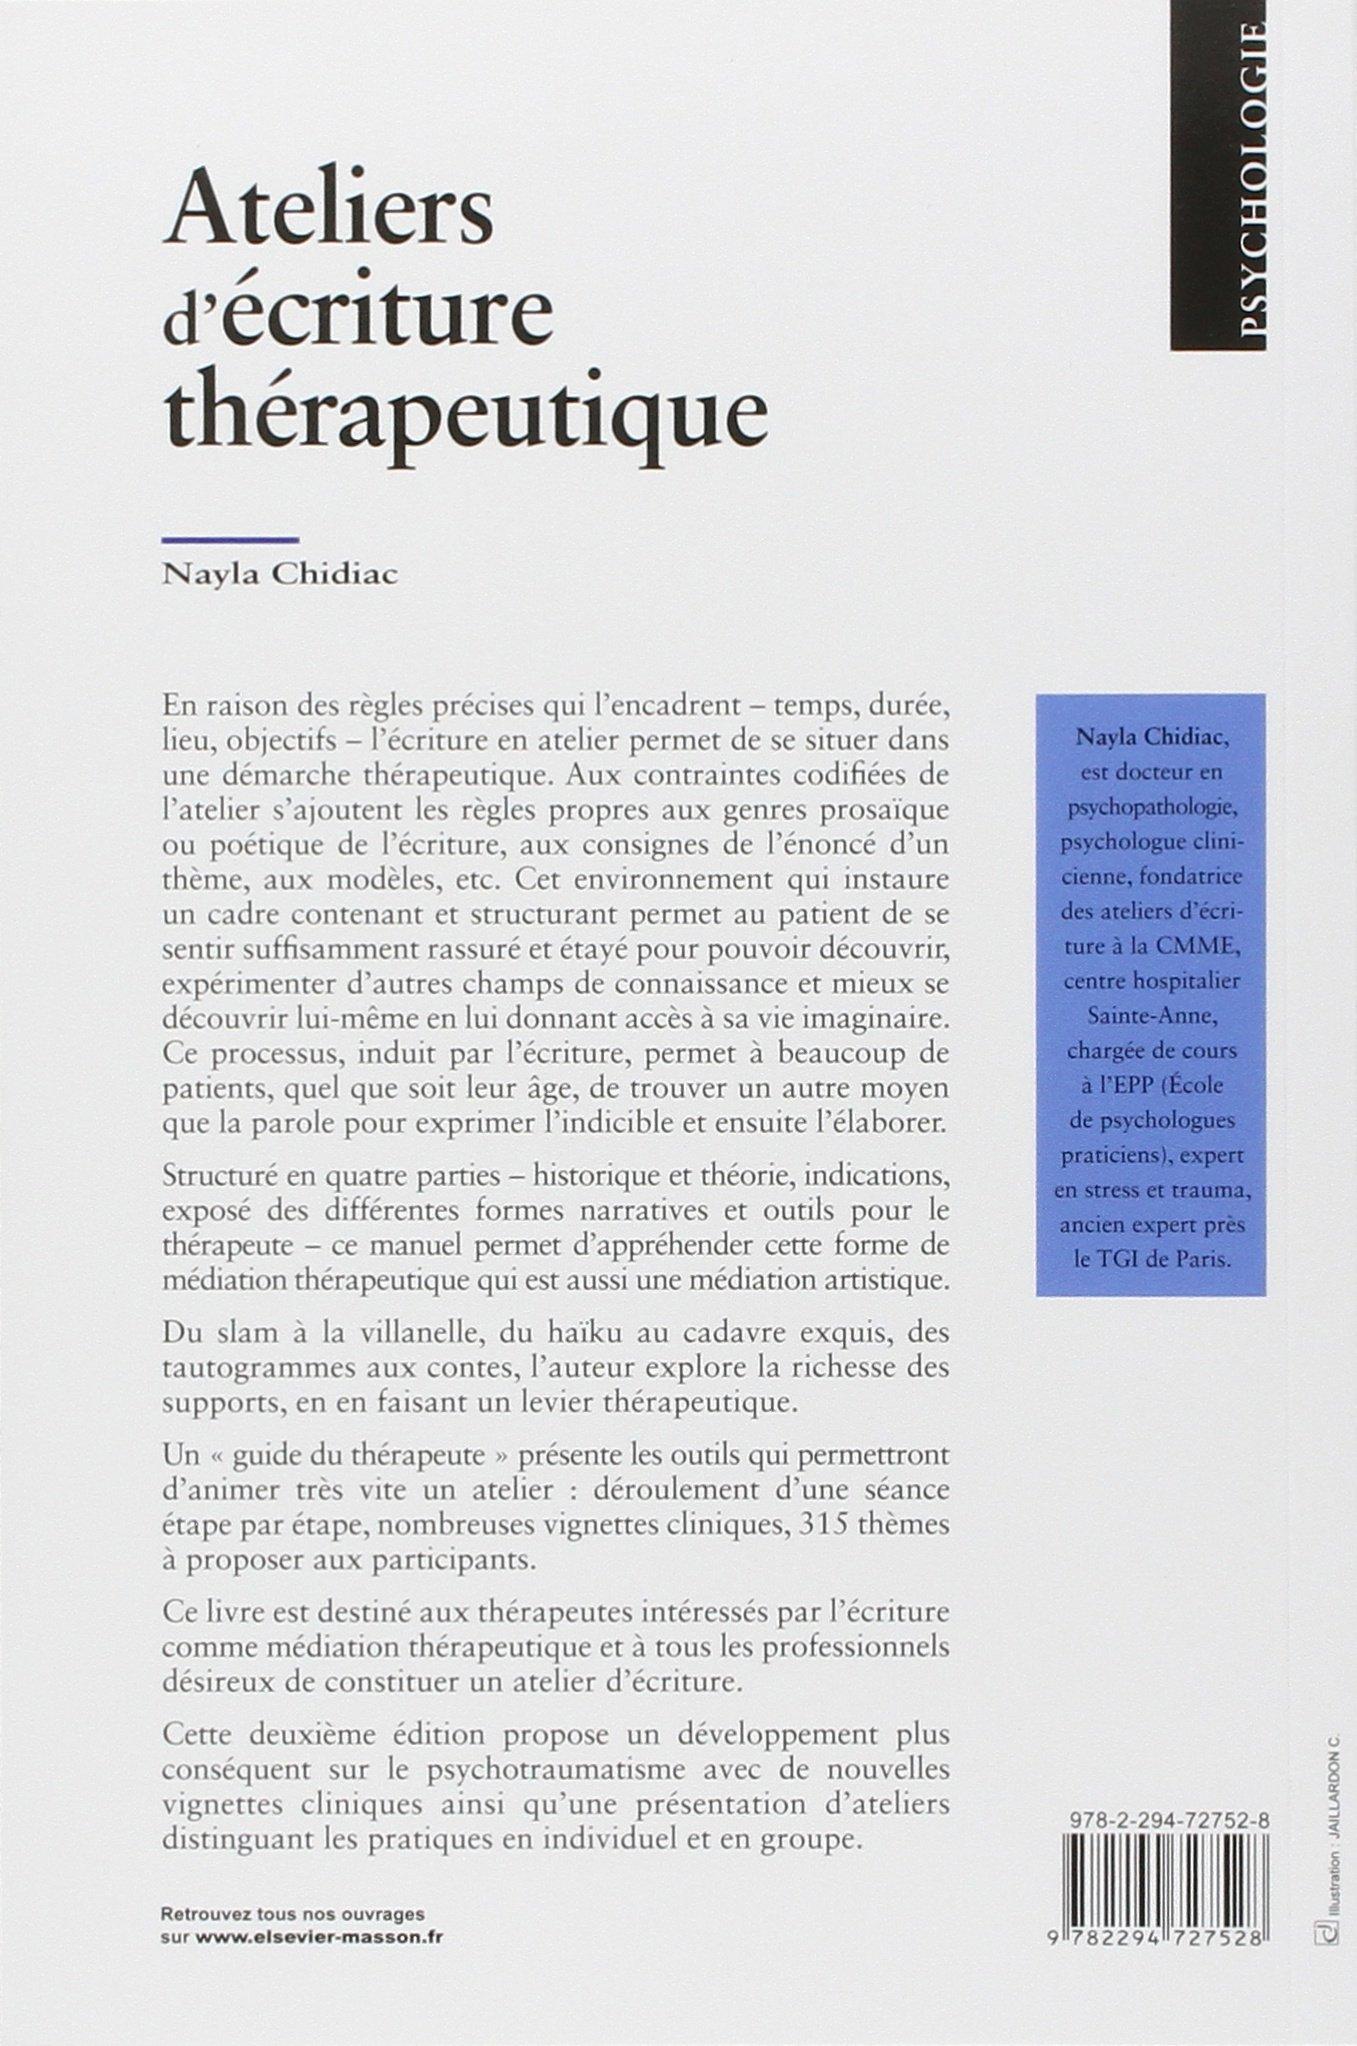 Amazon.fr - Ateliers d'écriture thérapeutique - Nayla Chidiac-Grizot -  Livres